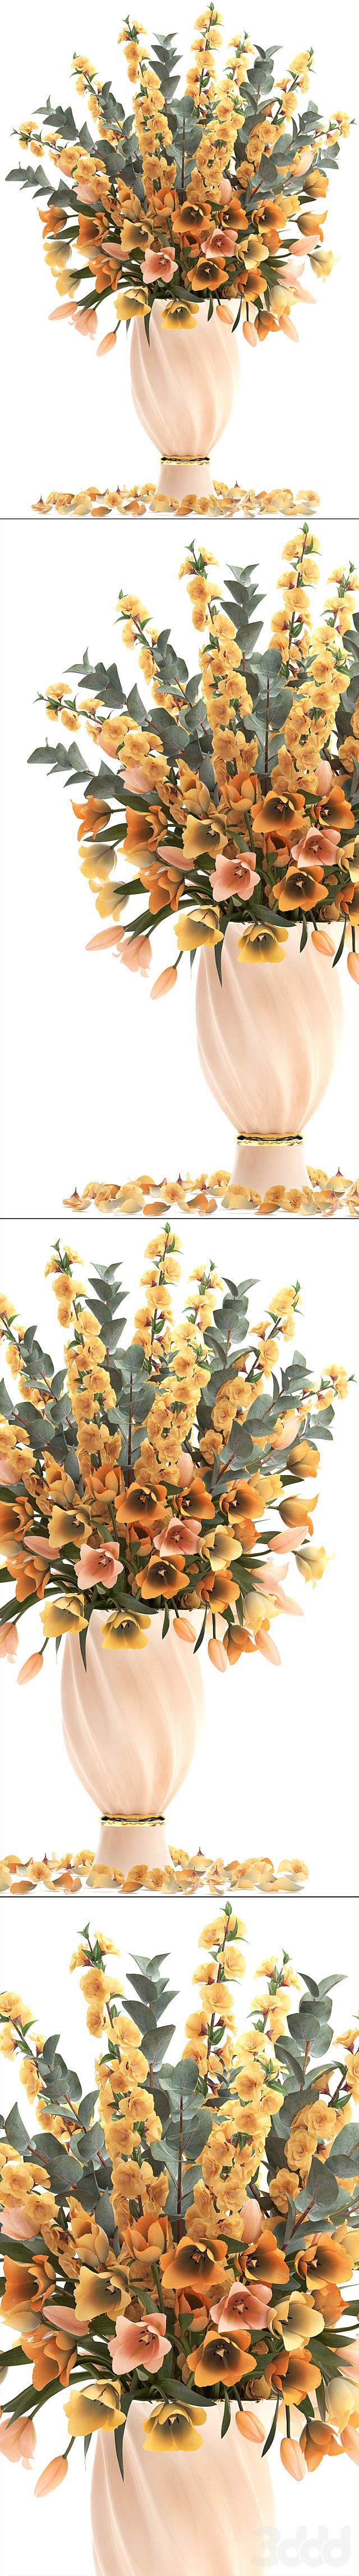 Коллекция цветов 30. Весенний букет.